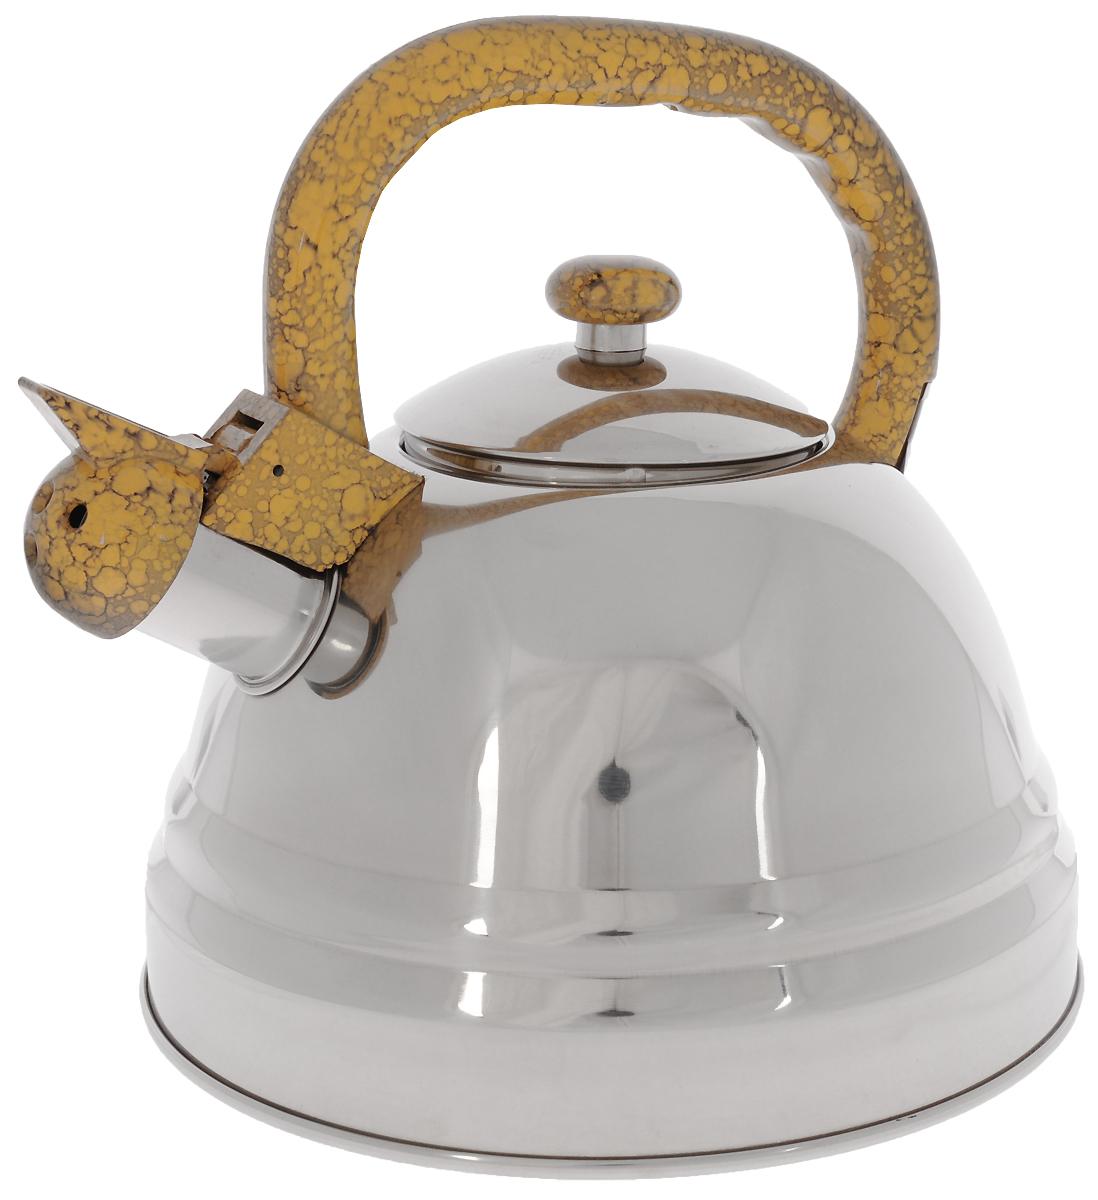 Чайник Bekker Koch со свистком, 3 л. BK-S337BK-S337Чайник Bekker Koch выполнен из высококачественной нержавеющей стали, что обеспечивает долговечность использования. Внешнее зеркальное покрытие придает приятный внешний вид. Пластиковая фиксированная ручка делает использование чайника очень удобным и безопасным. Чайник снабжен свистком и устройством для открывания носика. Изделие оснащено капсулированным дном для лучшего распространения тепла.Можно мыть в посудомоечной машине. Пригоден для всех видов плит кроме индукционных. Высота чайника (без учета крышки и ручки): 13 см. Диаметр основания: 22 см.Толщина стенки: 4 мм.